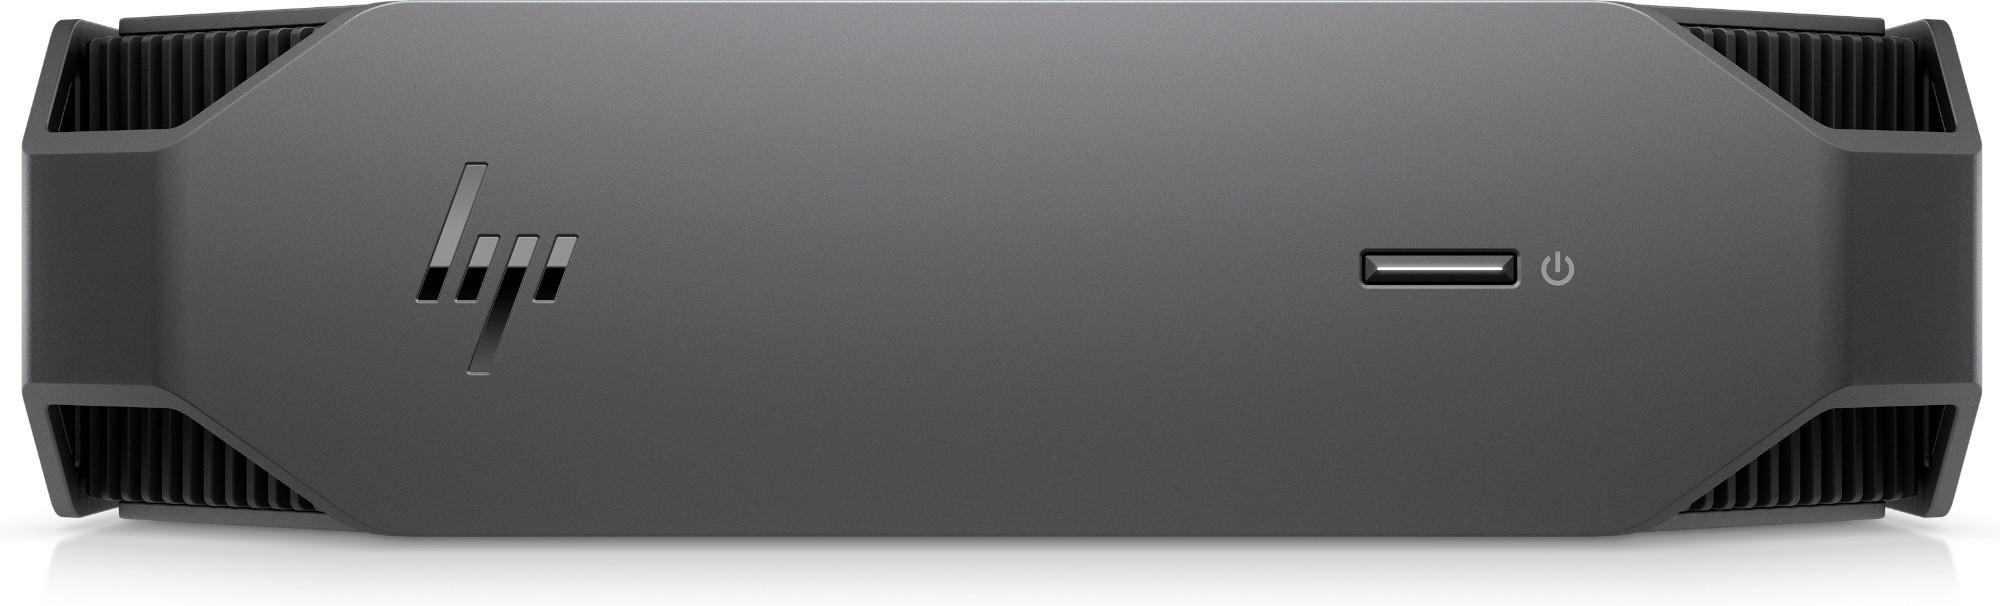 HP Z2 Mini G5 DDR4-SDRAM i7-10700 mini PC 10th gen Intel-� Core��� i7 16 GB 512 GB SSD Windows 10 Pro Workstation Black, Grey